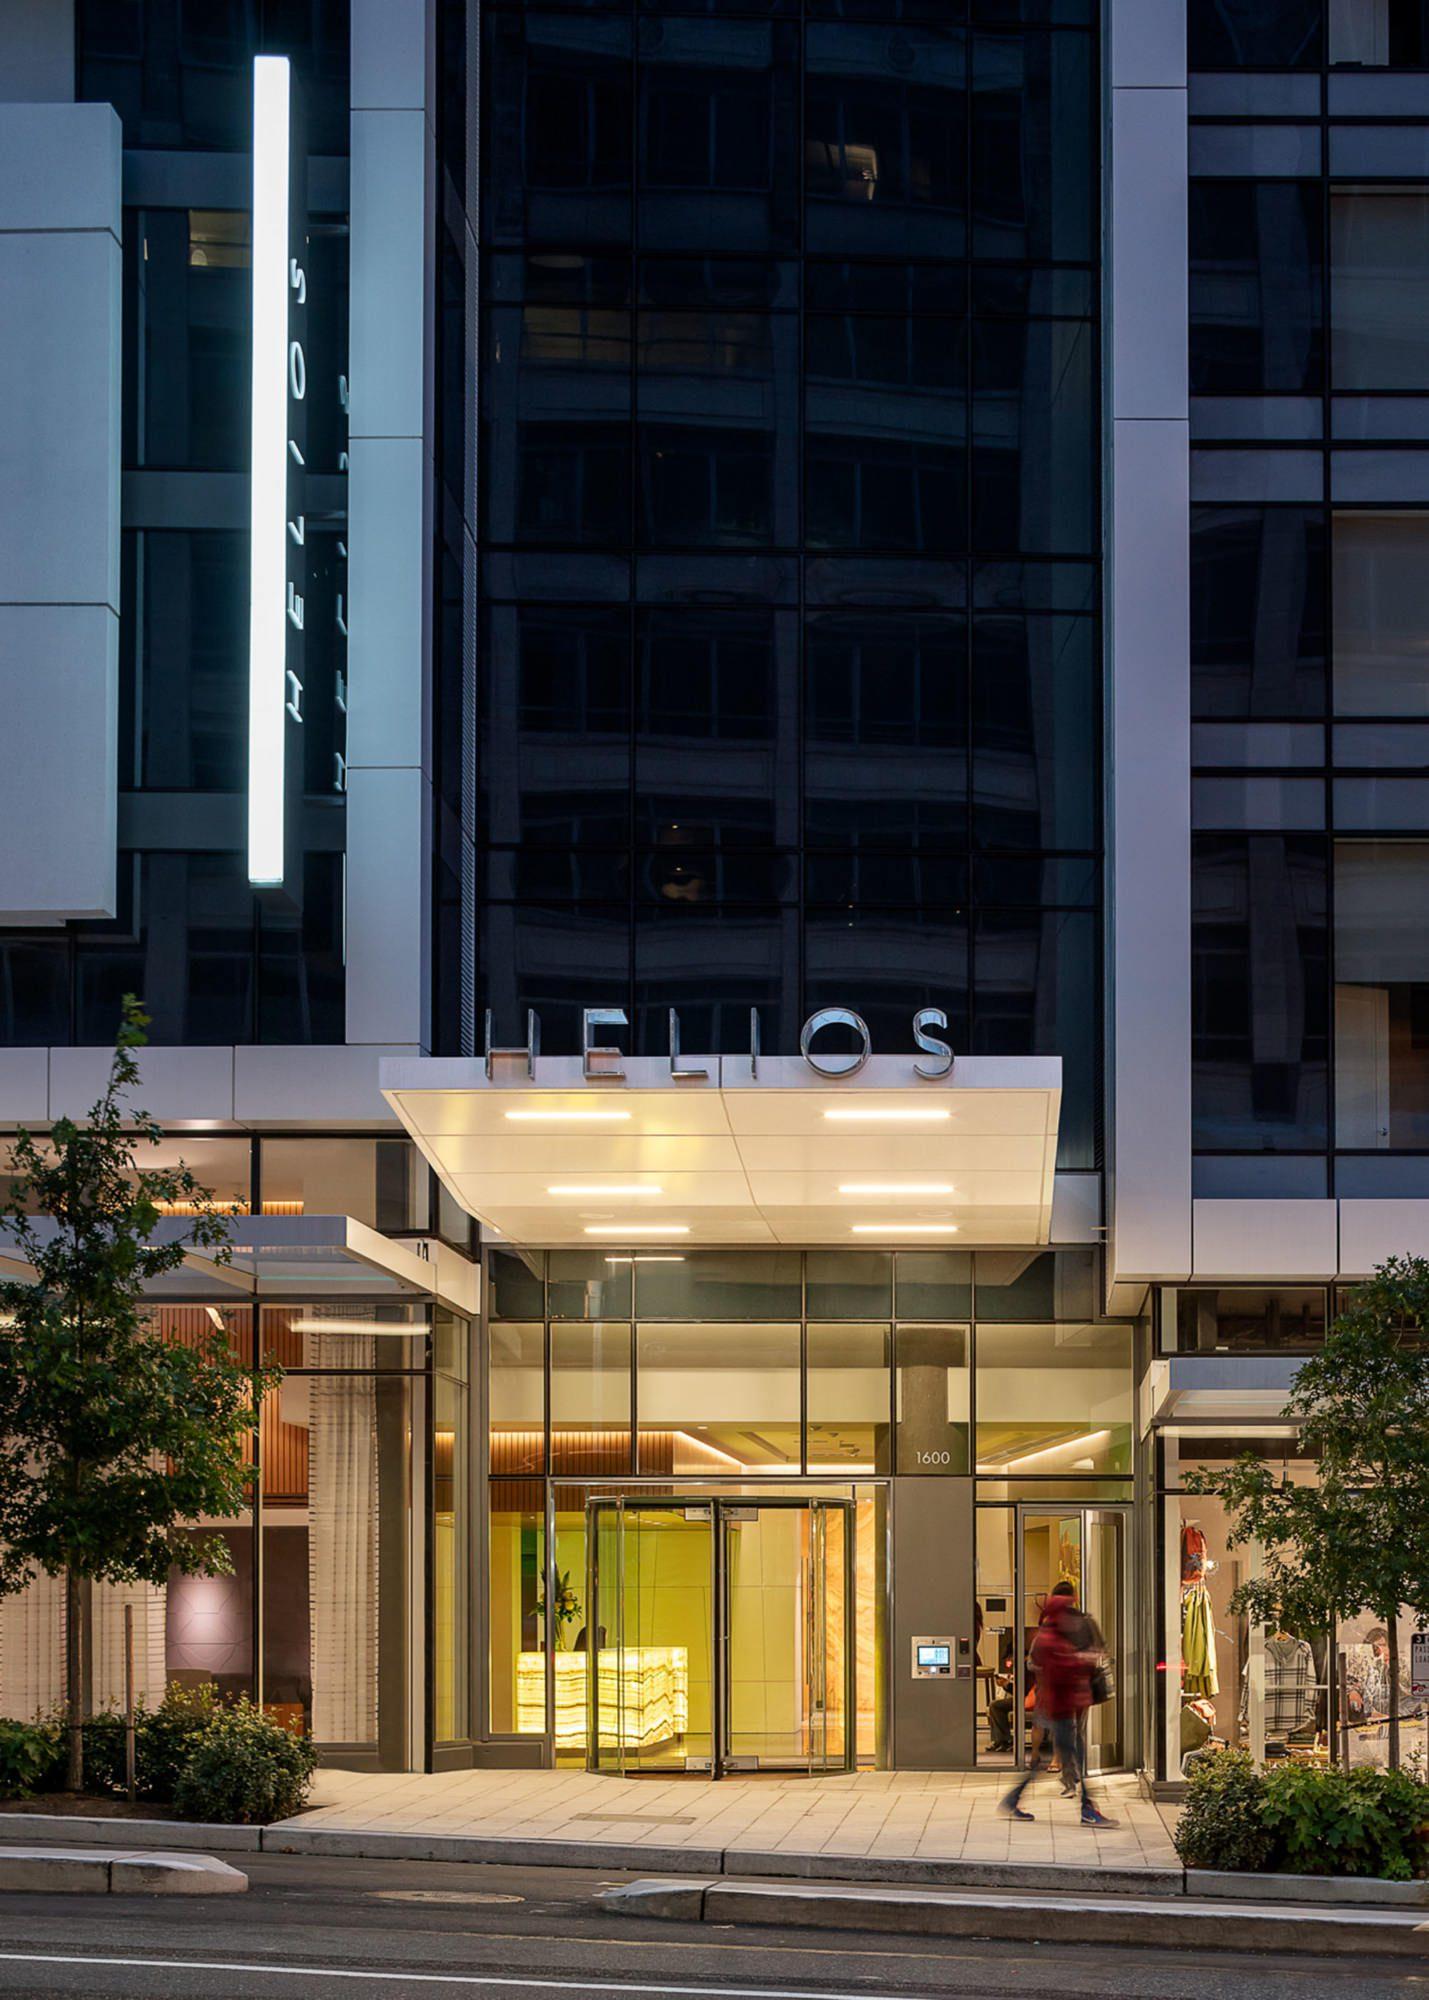 Helios in Seattle, WA.